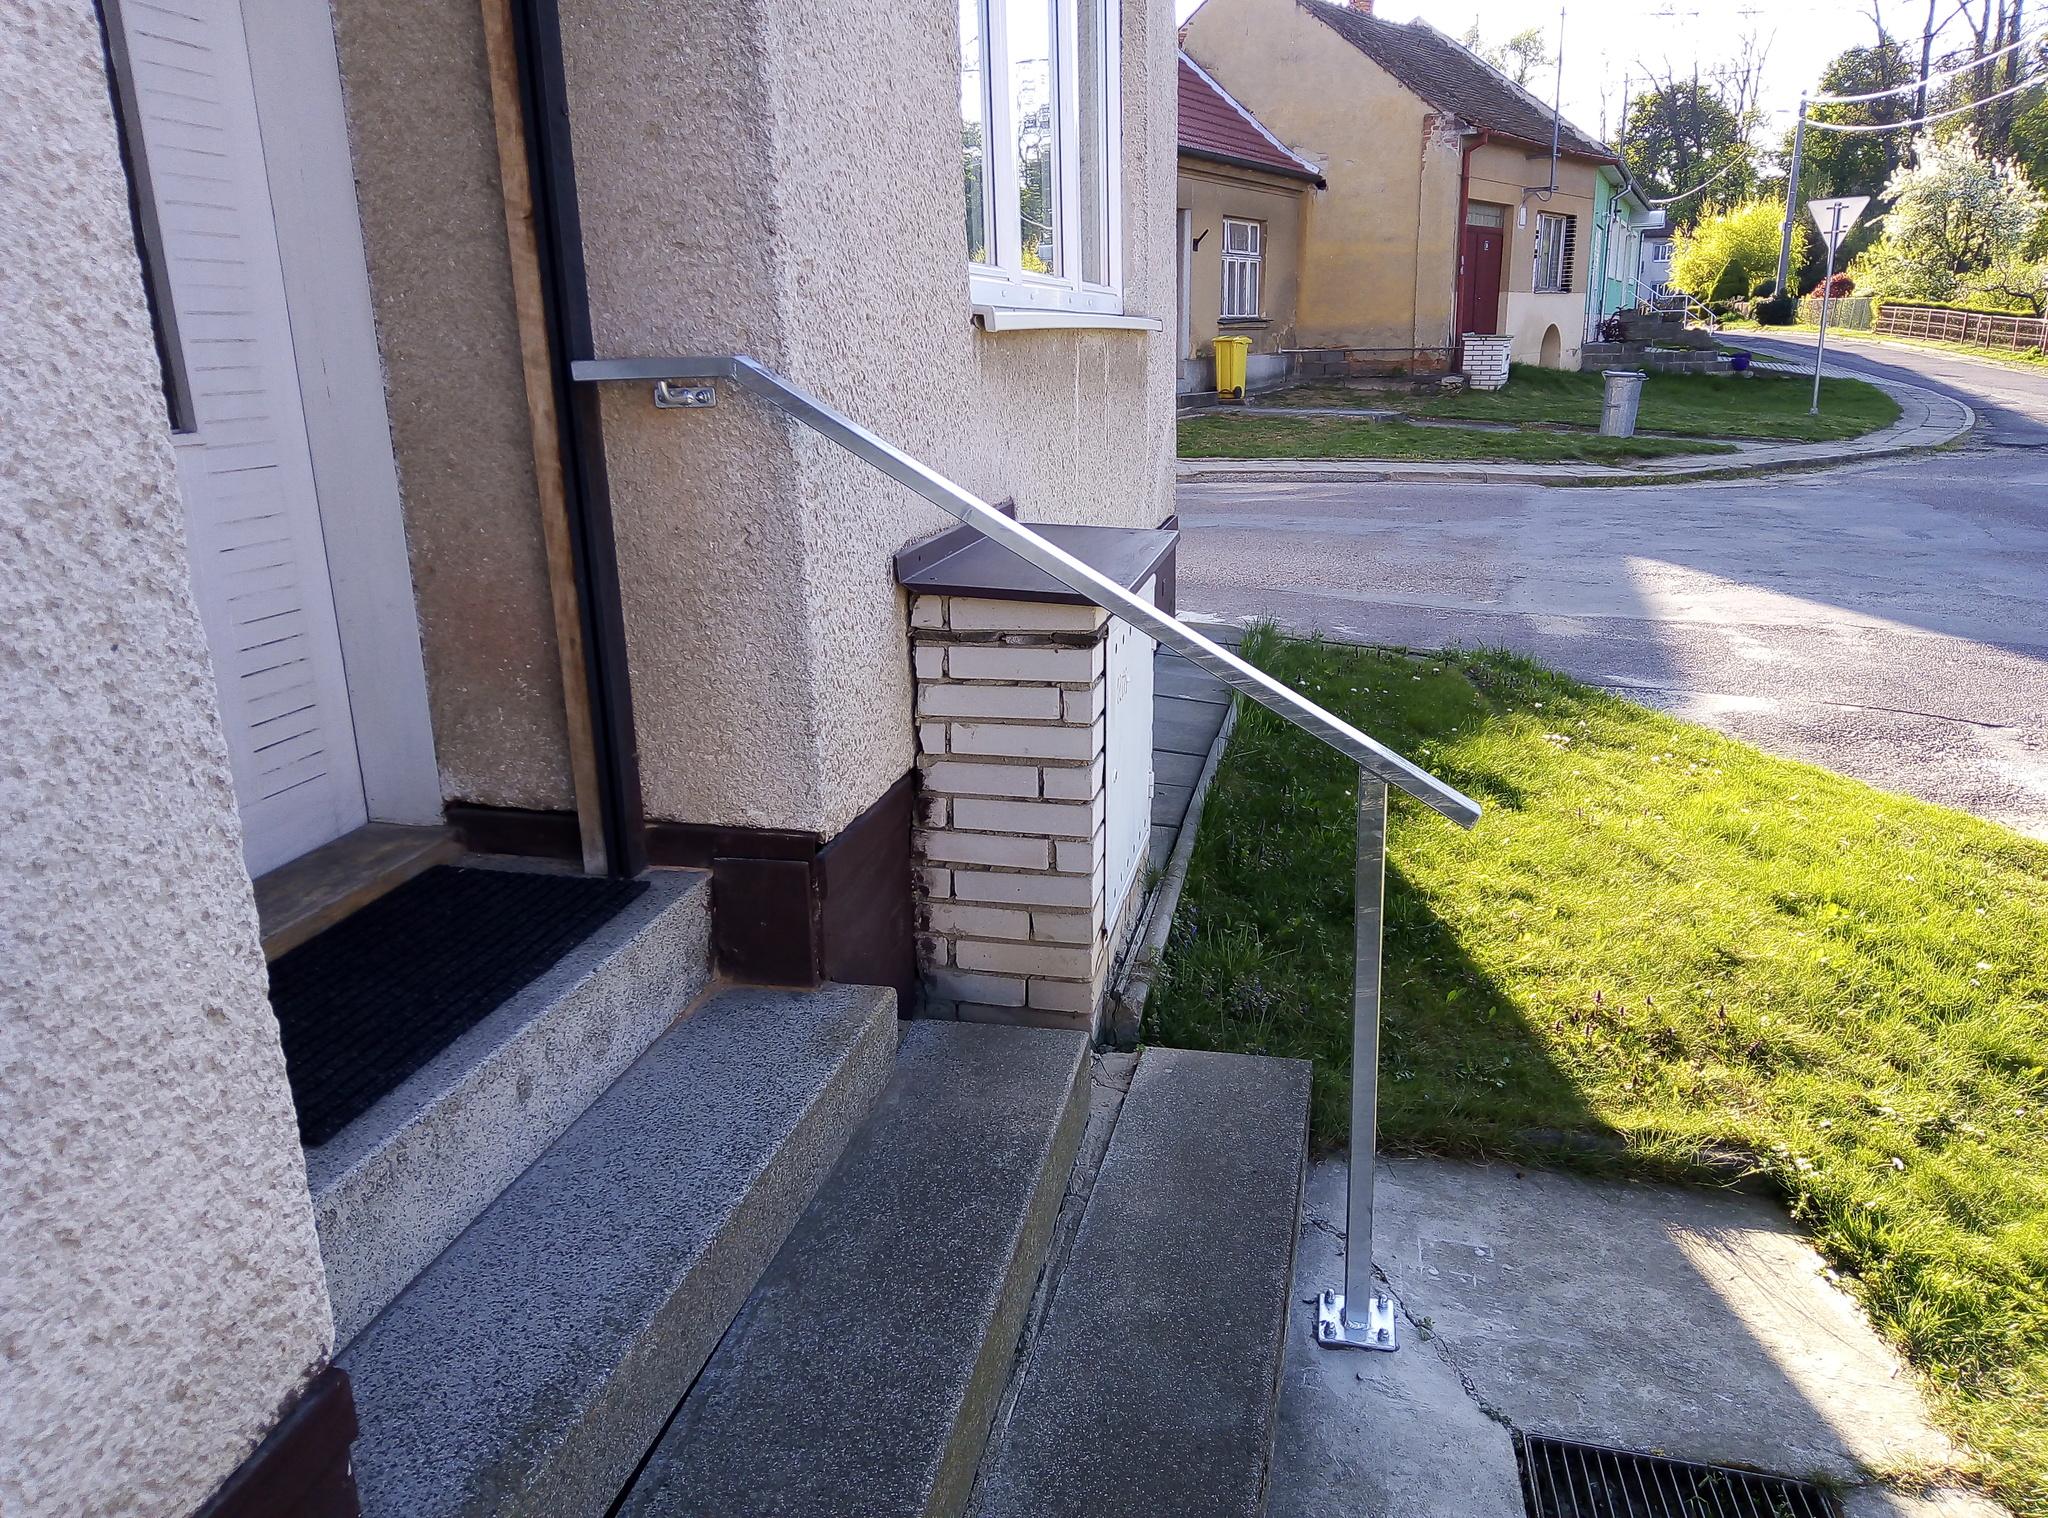 Geländer - Handlauf, verzinkt